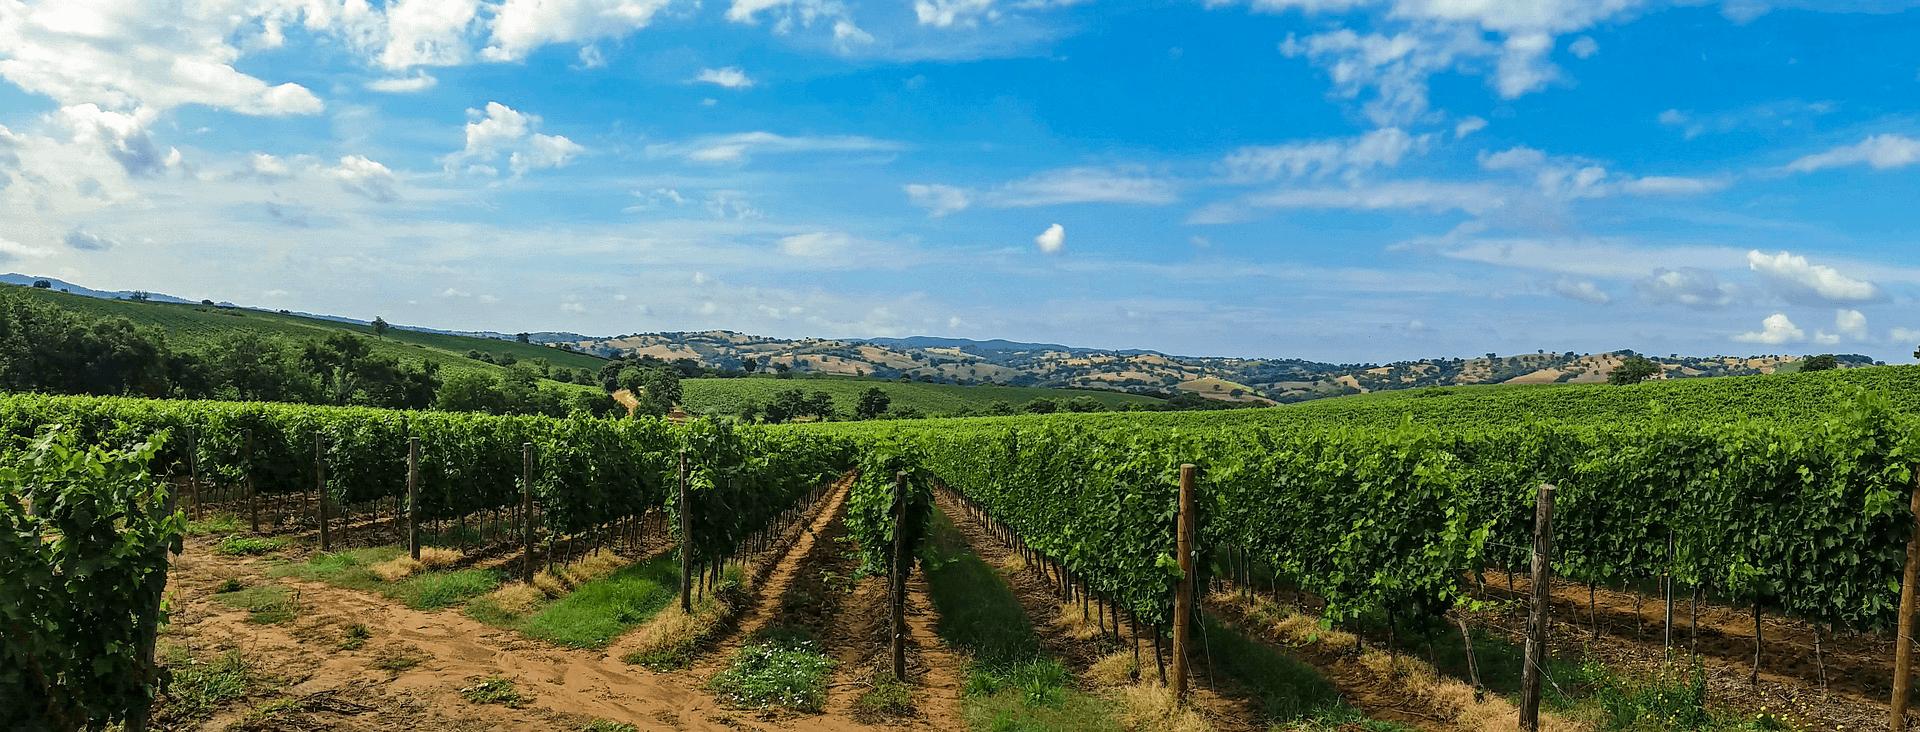 Top Global Wine Regions